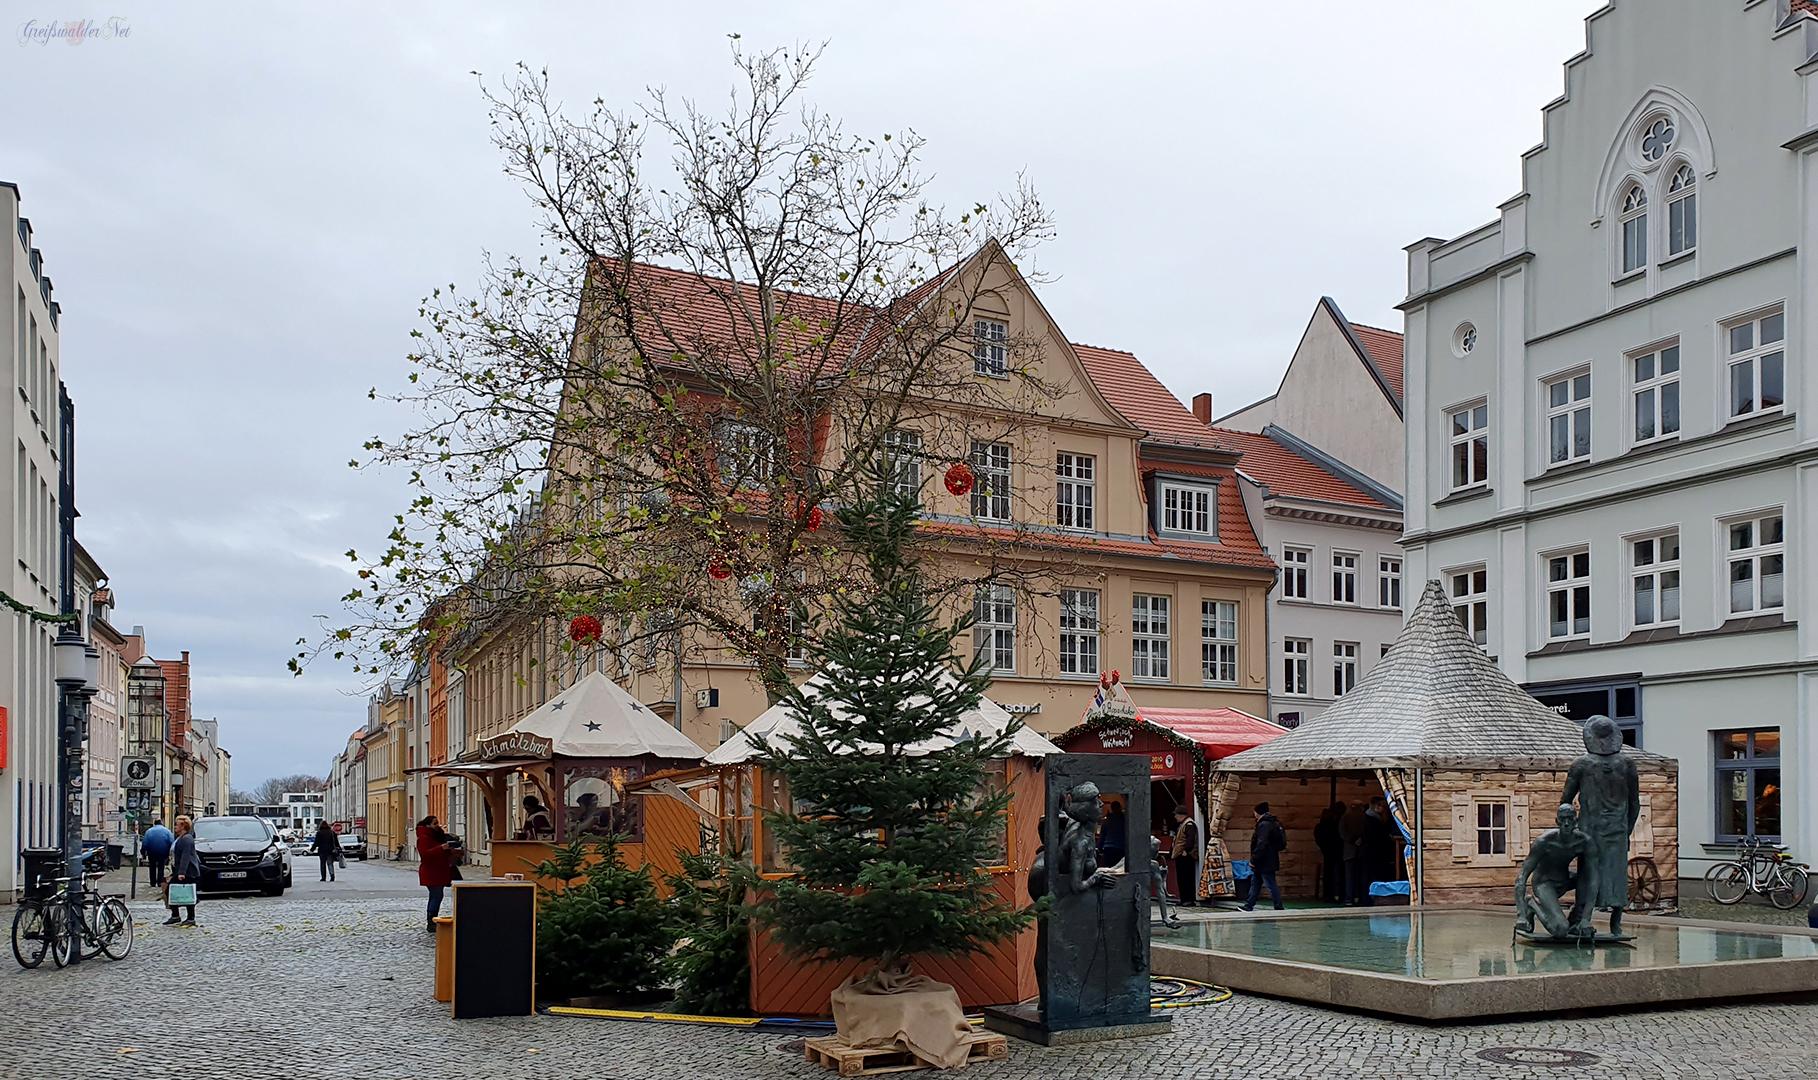 Weihnachtsdorf auf dem Fischmarkt in Greifswald